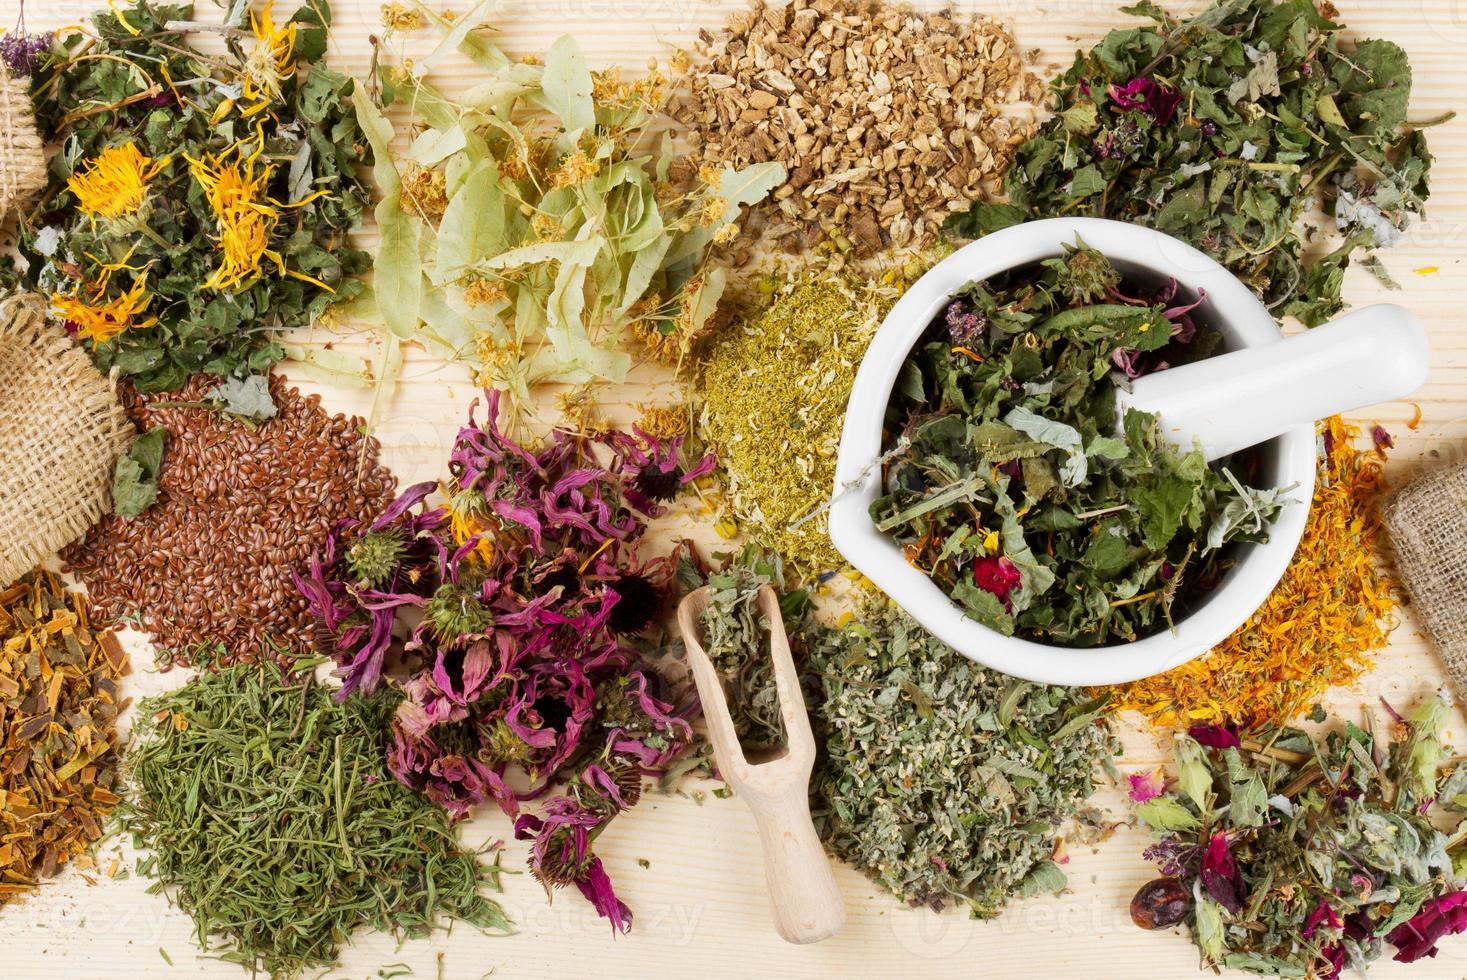 une variété d'herbes médicinales et de mortier et pilon sur table photo